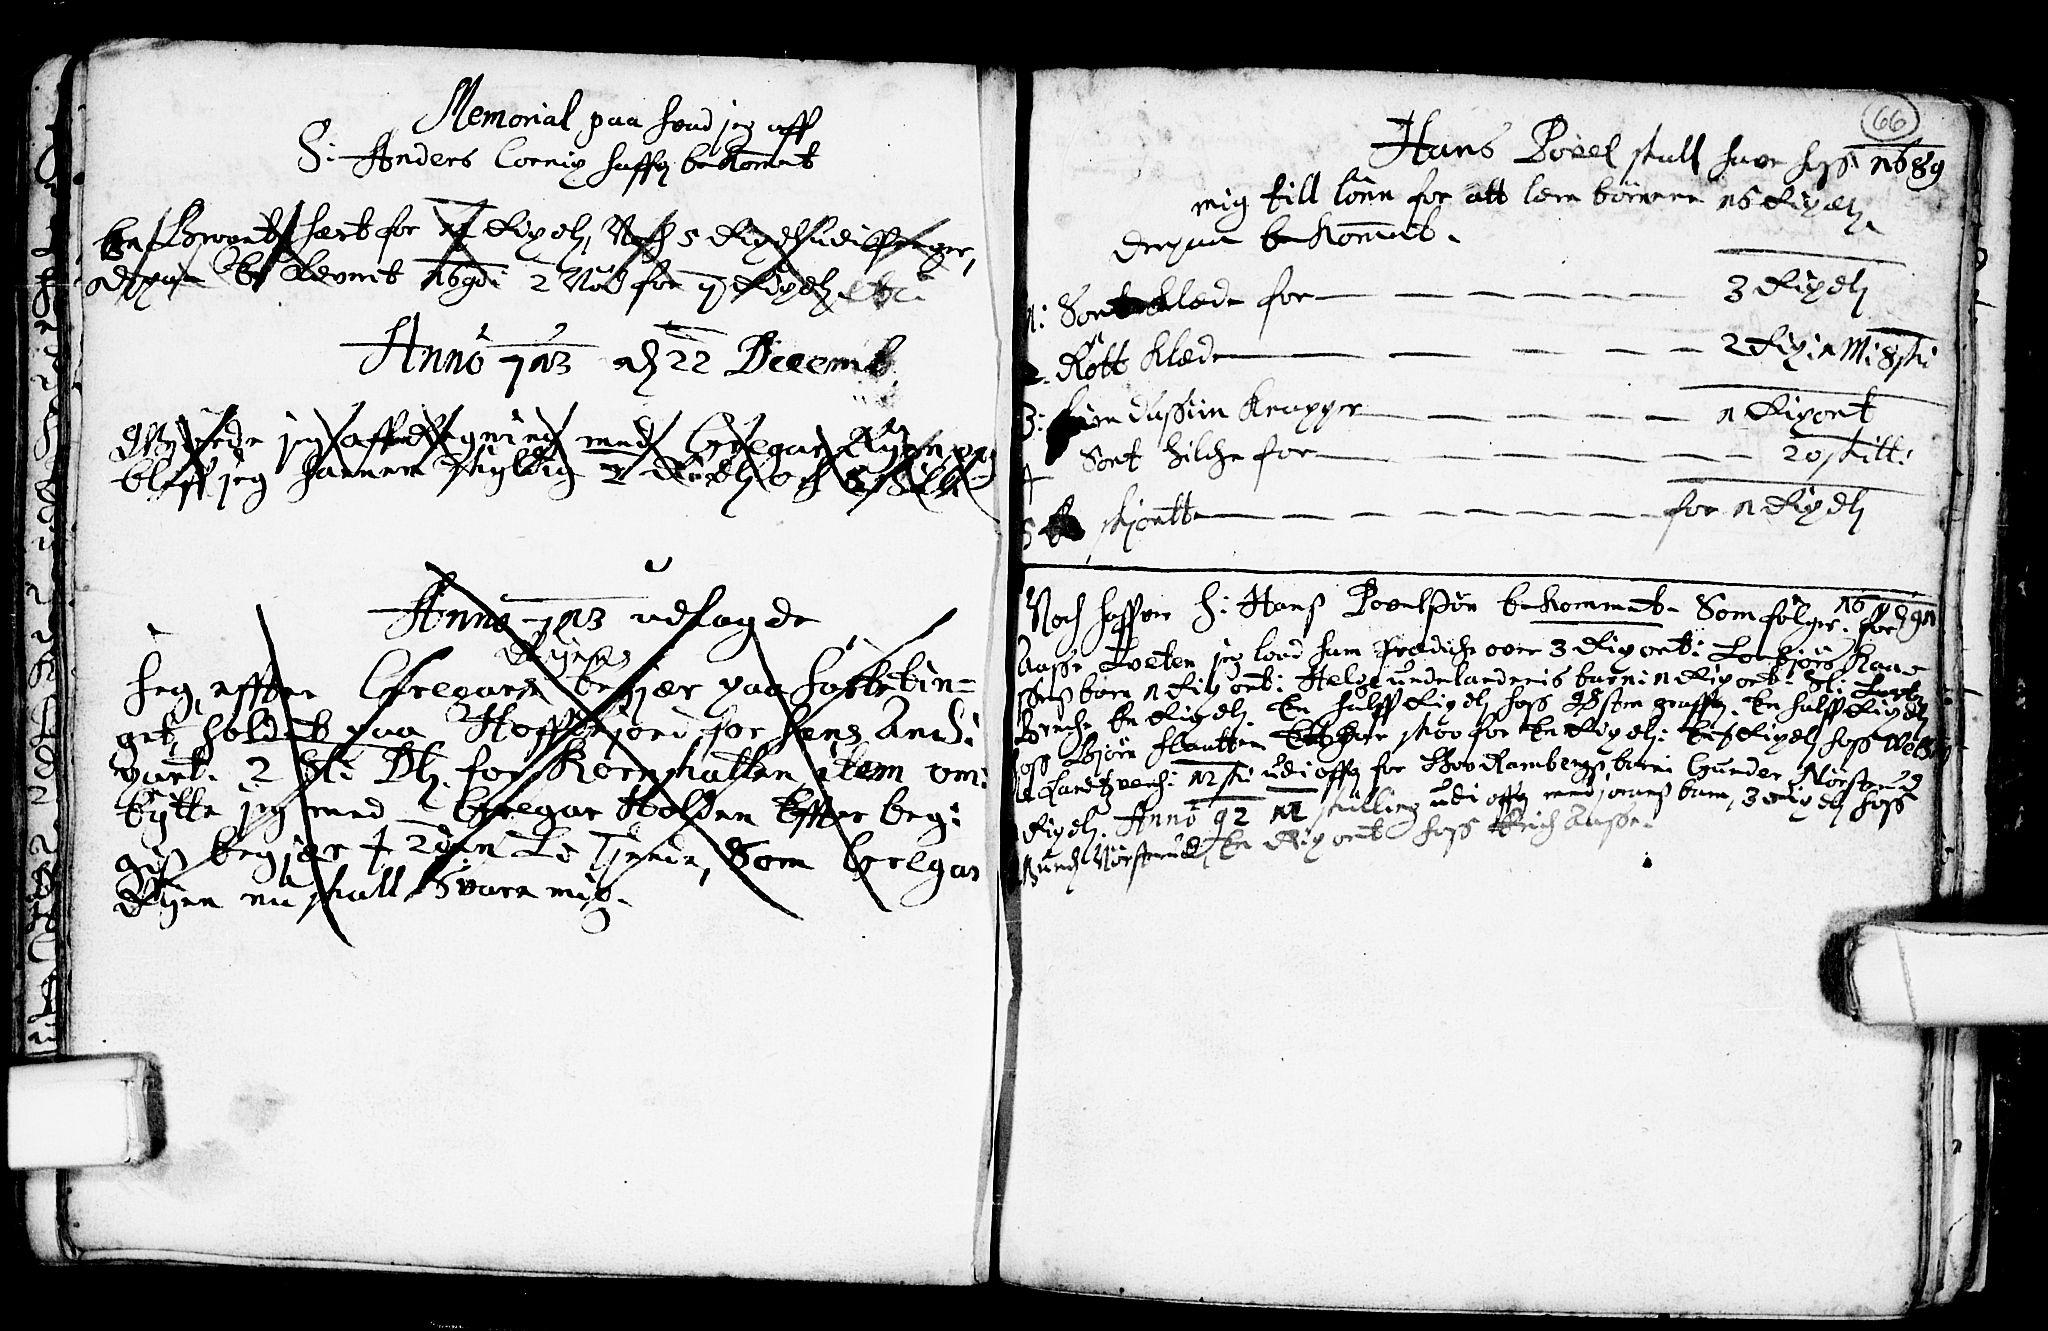 SAKO, Heddal kirkebøker, F/Fa/L0001: Ministerialbok nr. I 1, 1648-1699, s. 66